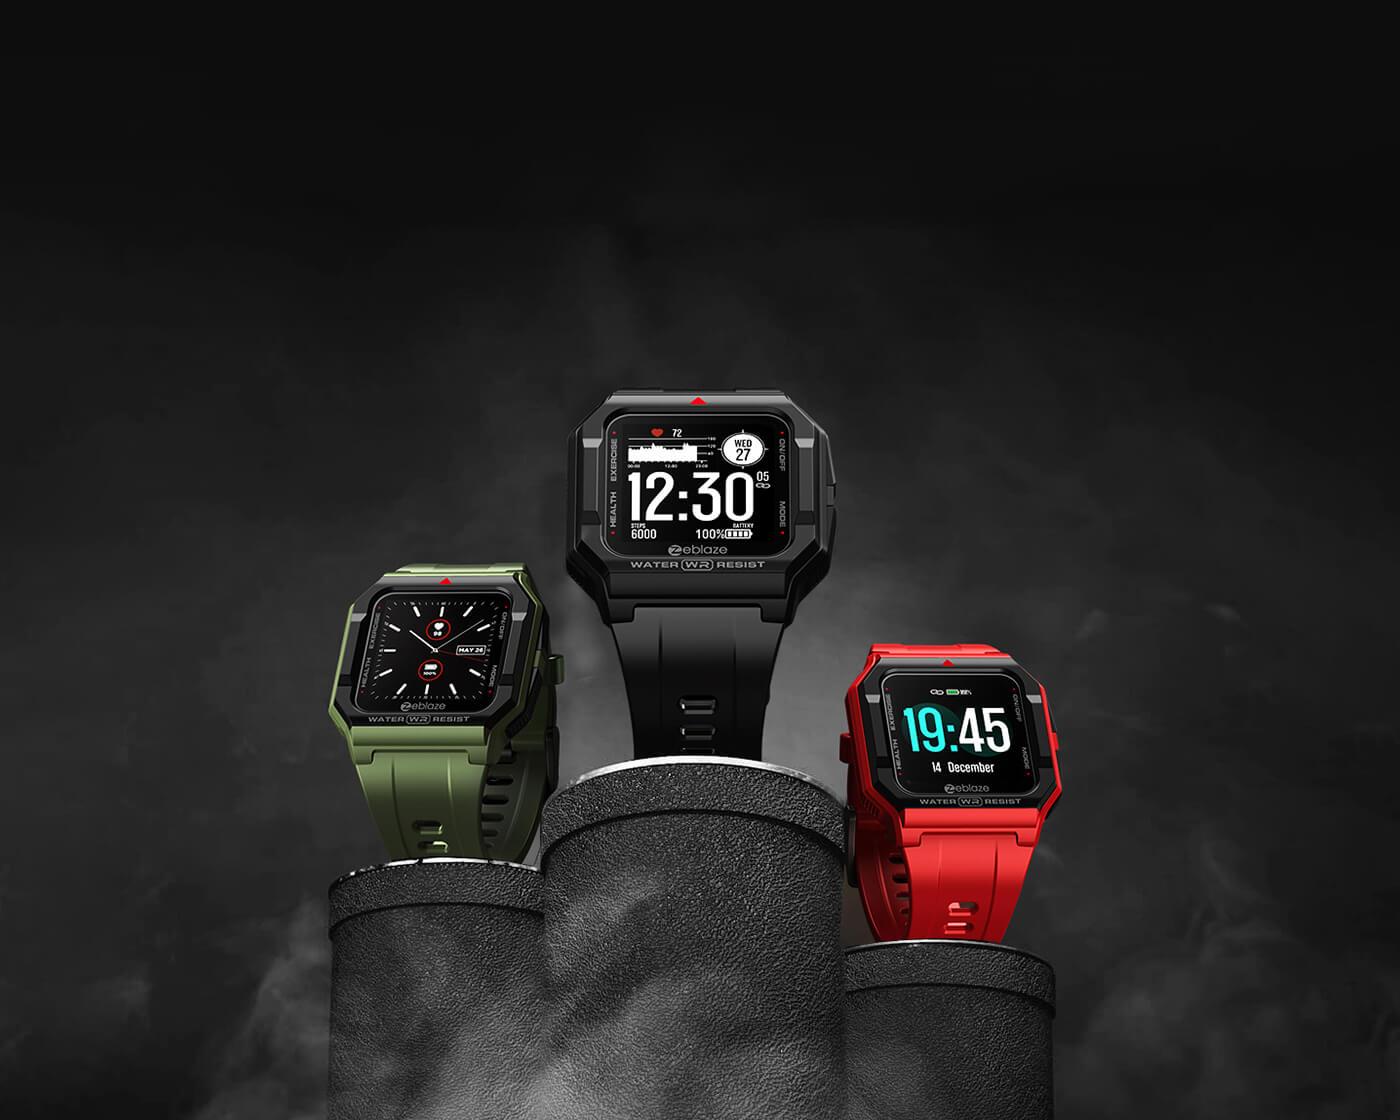 Zeblaze Ares Retro Smartwatchs